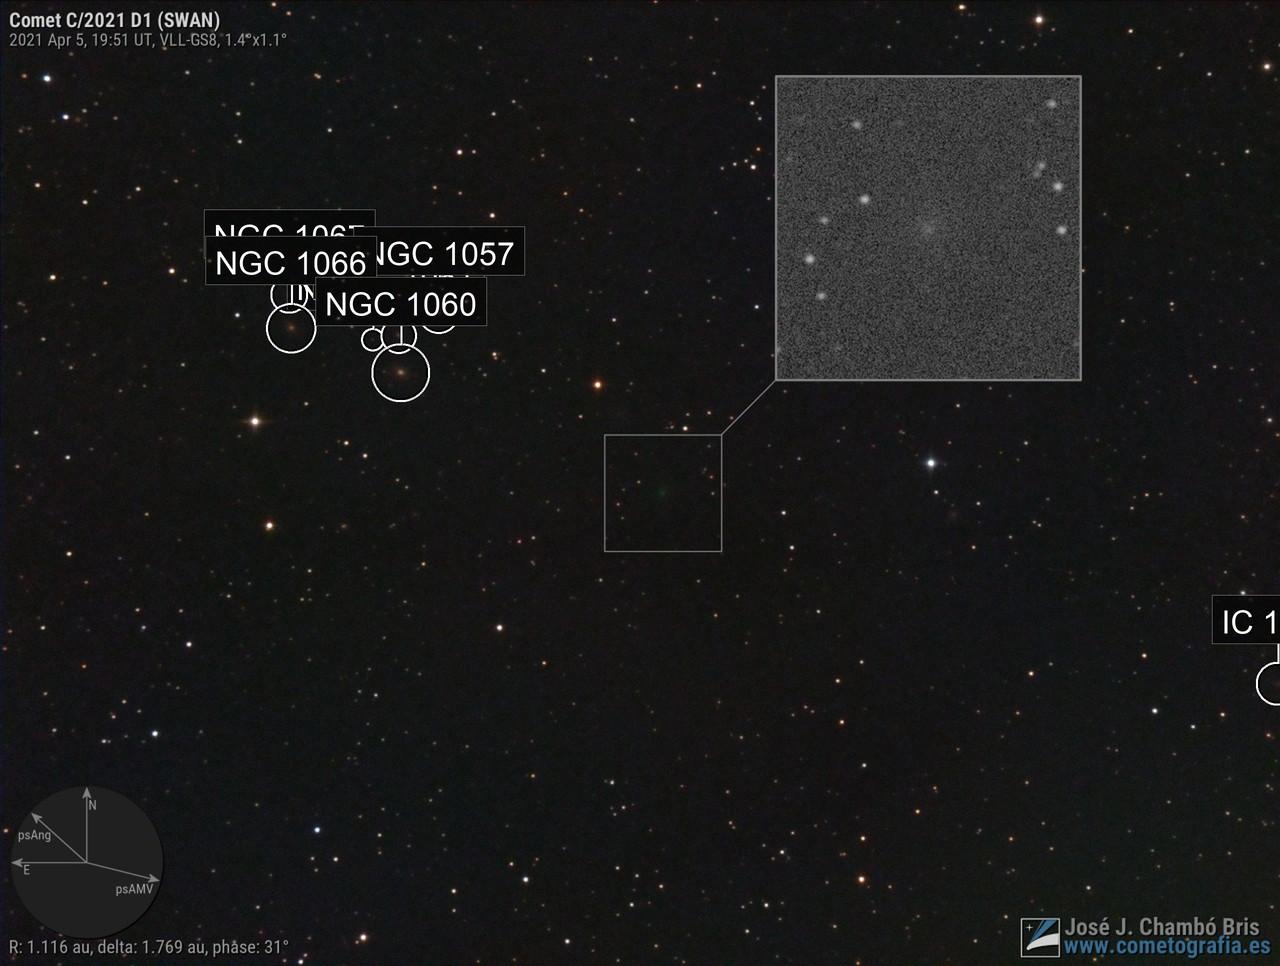 Comet C/2021 D1 SWAN